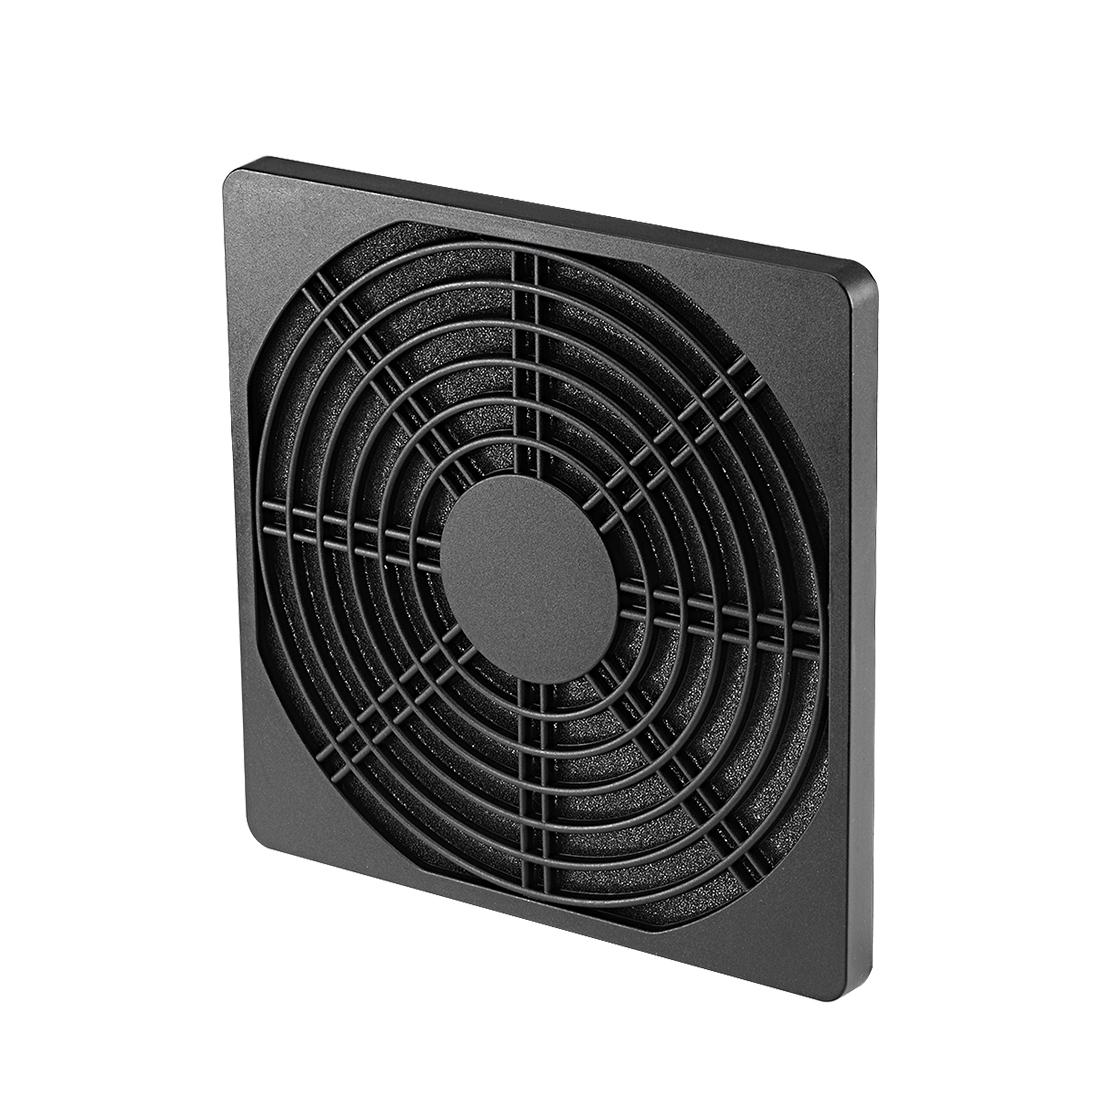 2pcs 155mm x 155mm Dustproof Case PC Computer Case Fan Dust Filter